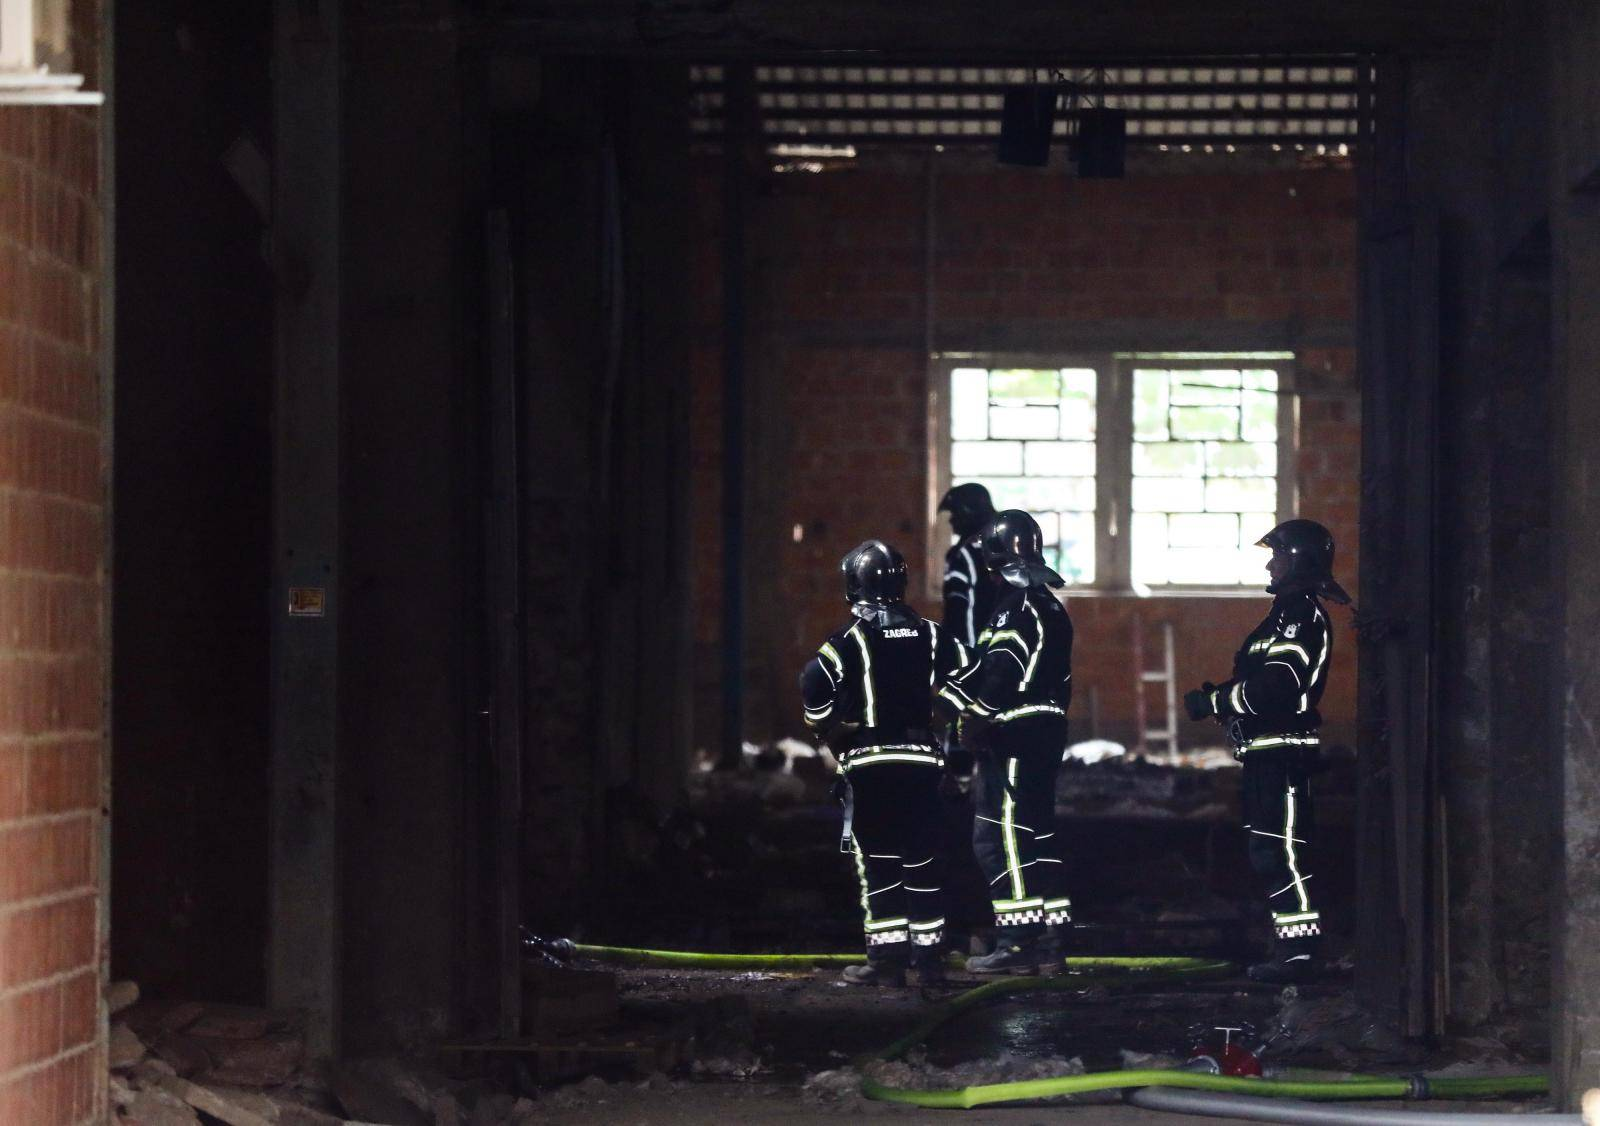 Zagreb: Planuo je krov stare ciglane, vatrogasci na terenu